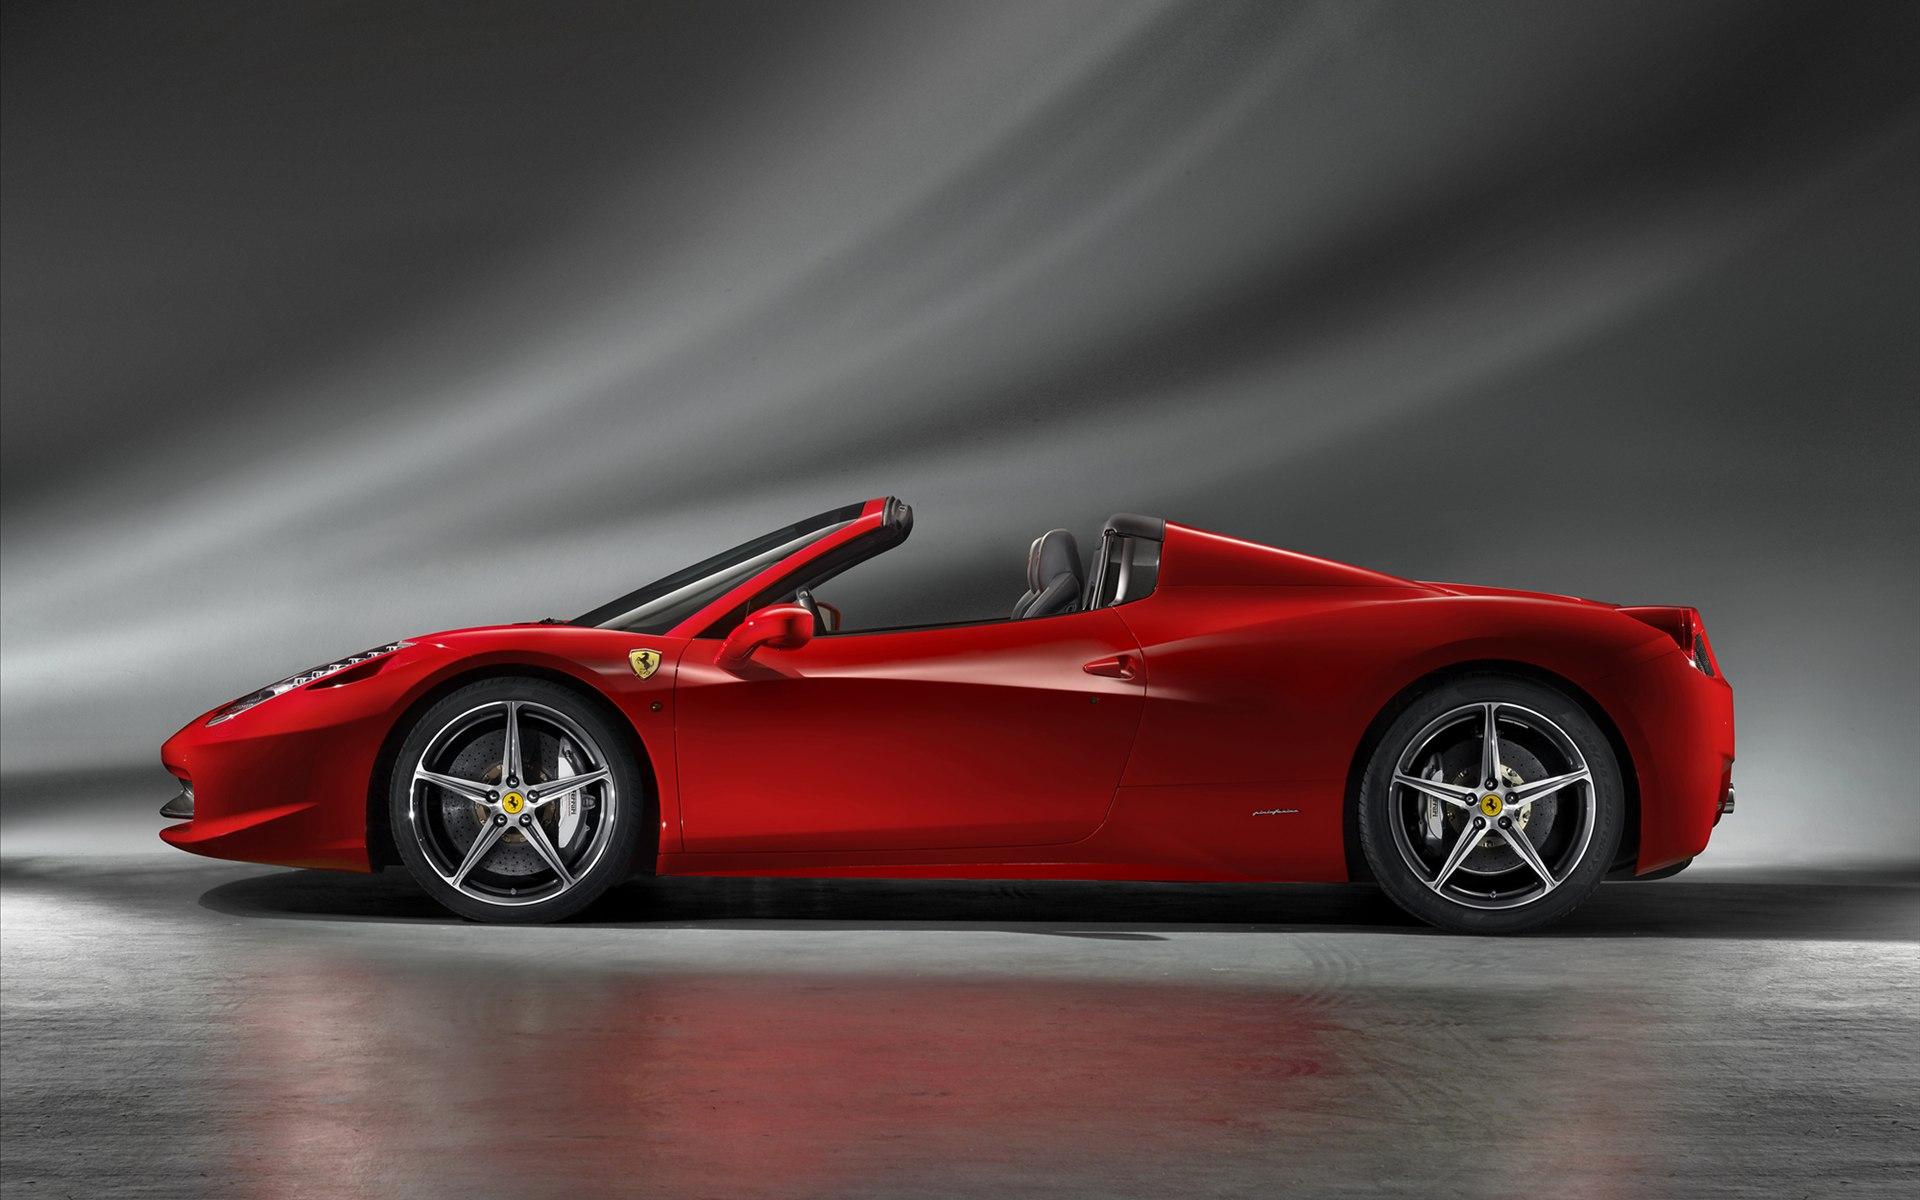 Ferrari 458 Spider Car Hd Pictures